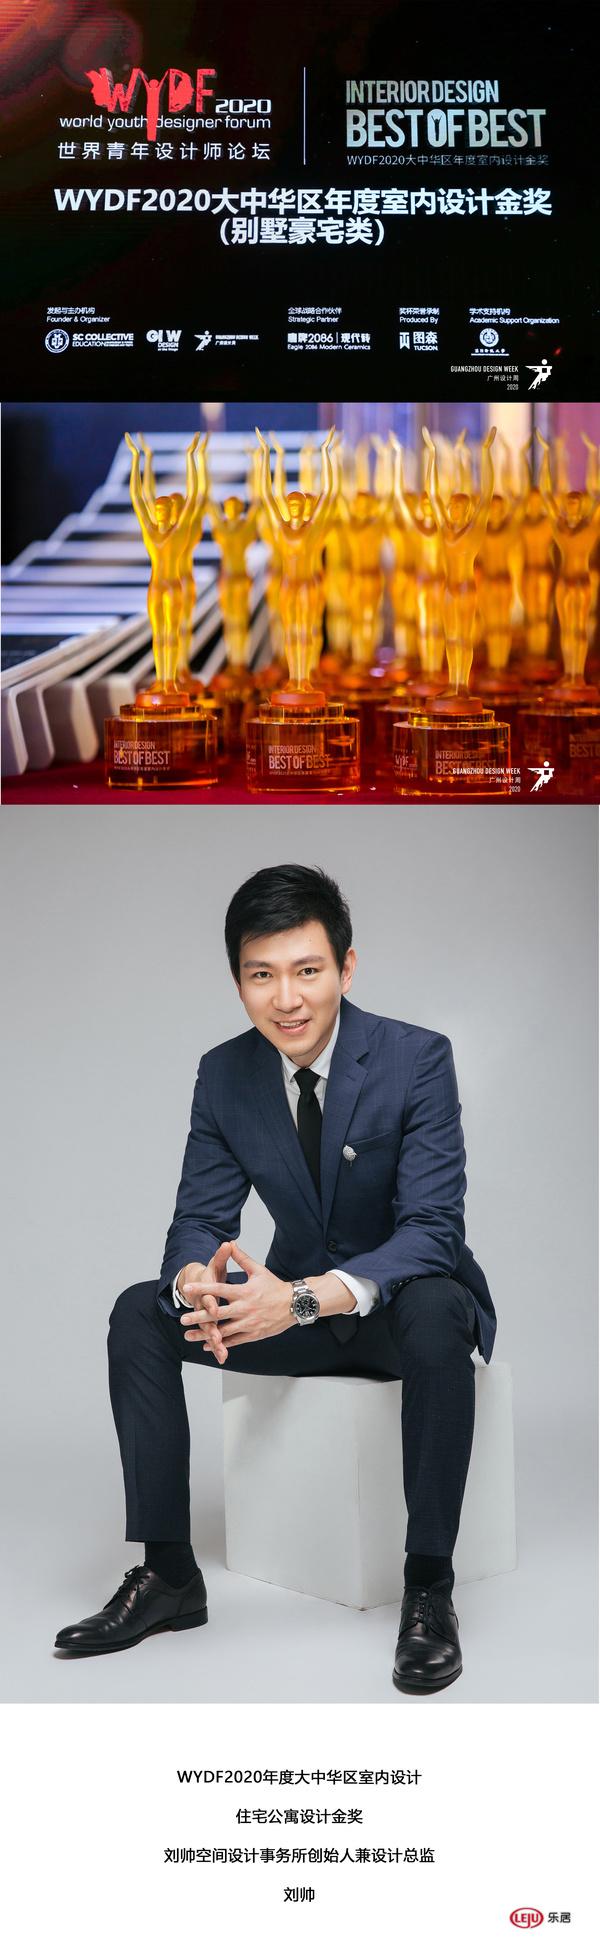 荣耀之夜 | 设计师刘帅摘得WYDF 2020年度金奖